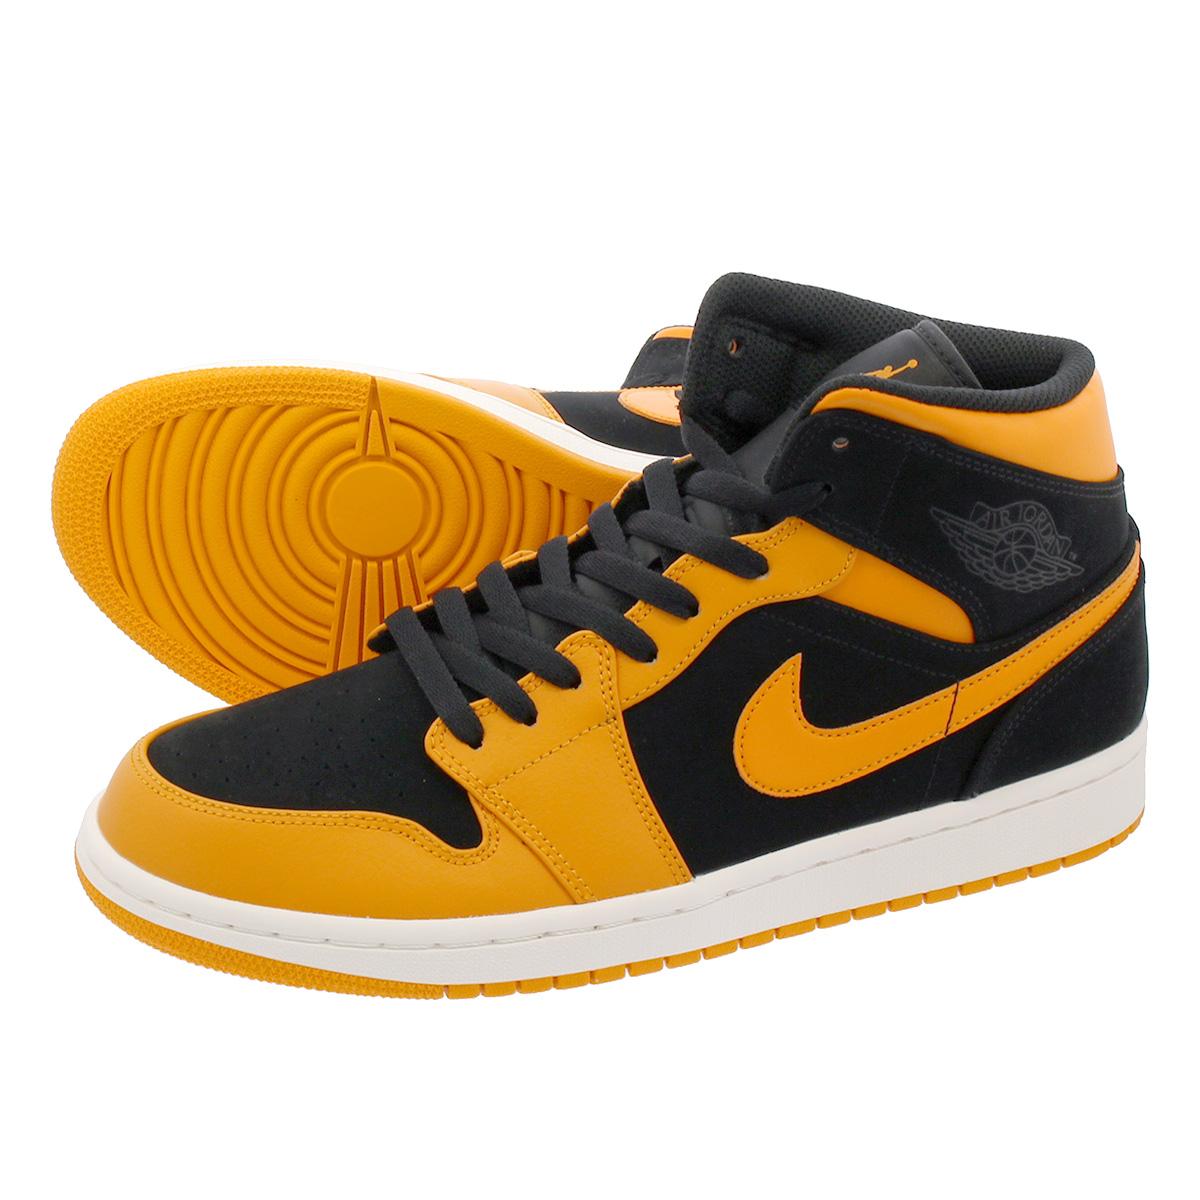 60018448e6d LOWTEX PLUS: NIKE AIR JORDAN 1 MID Nike Air Jordan 1 mid BLACK/ORANGE PEEL/SAIL  554,724-081 | Rakuten Global Market